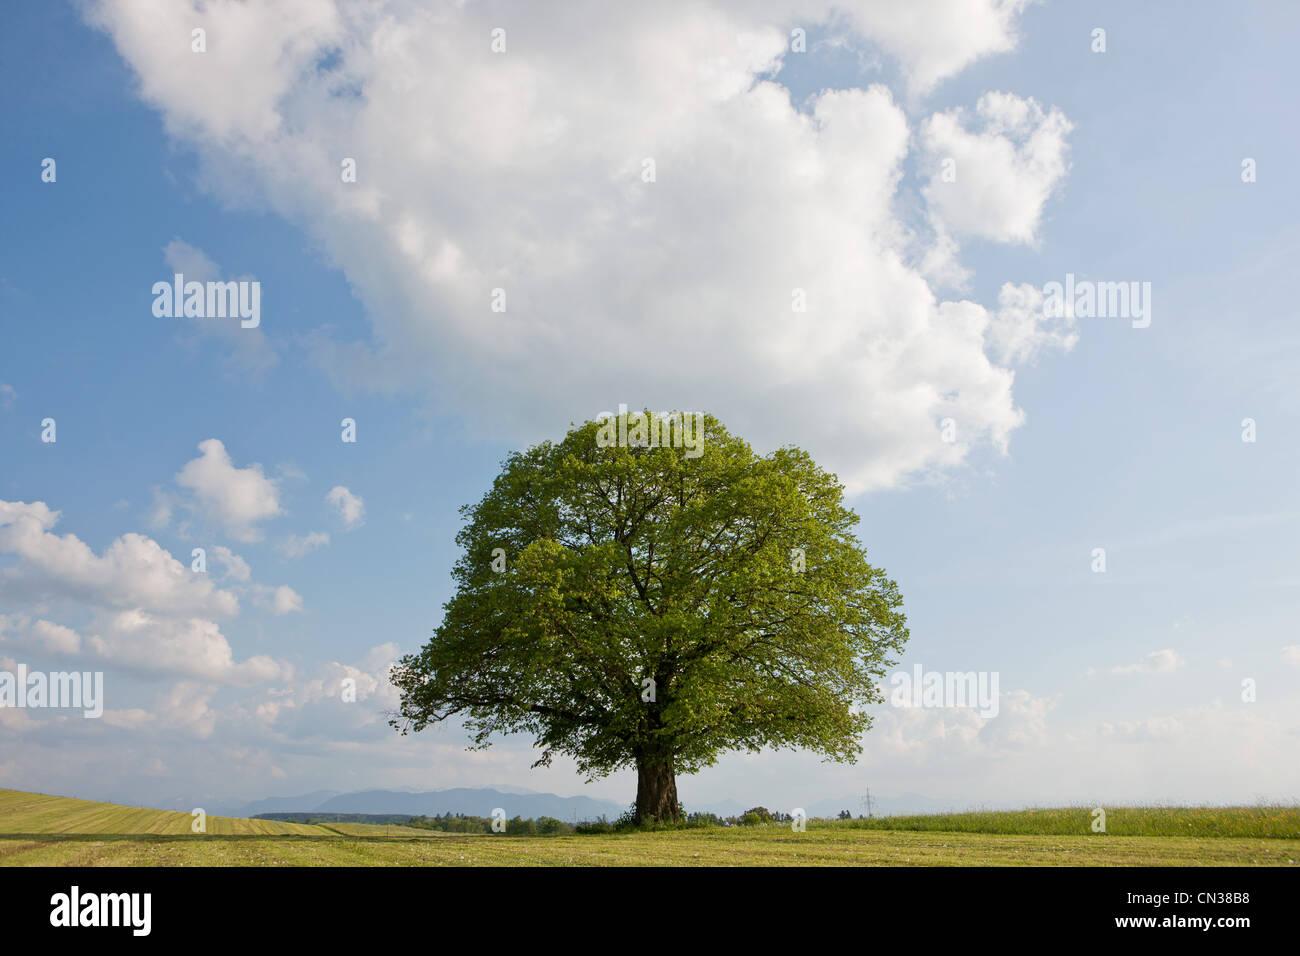 Single tree in field Photo Stock